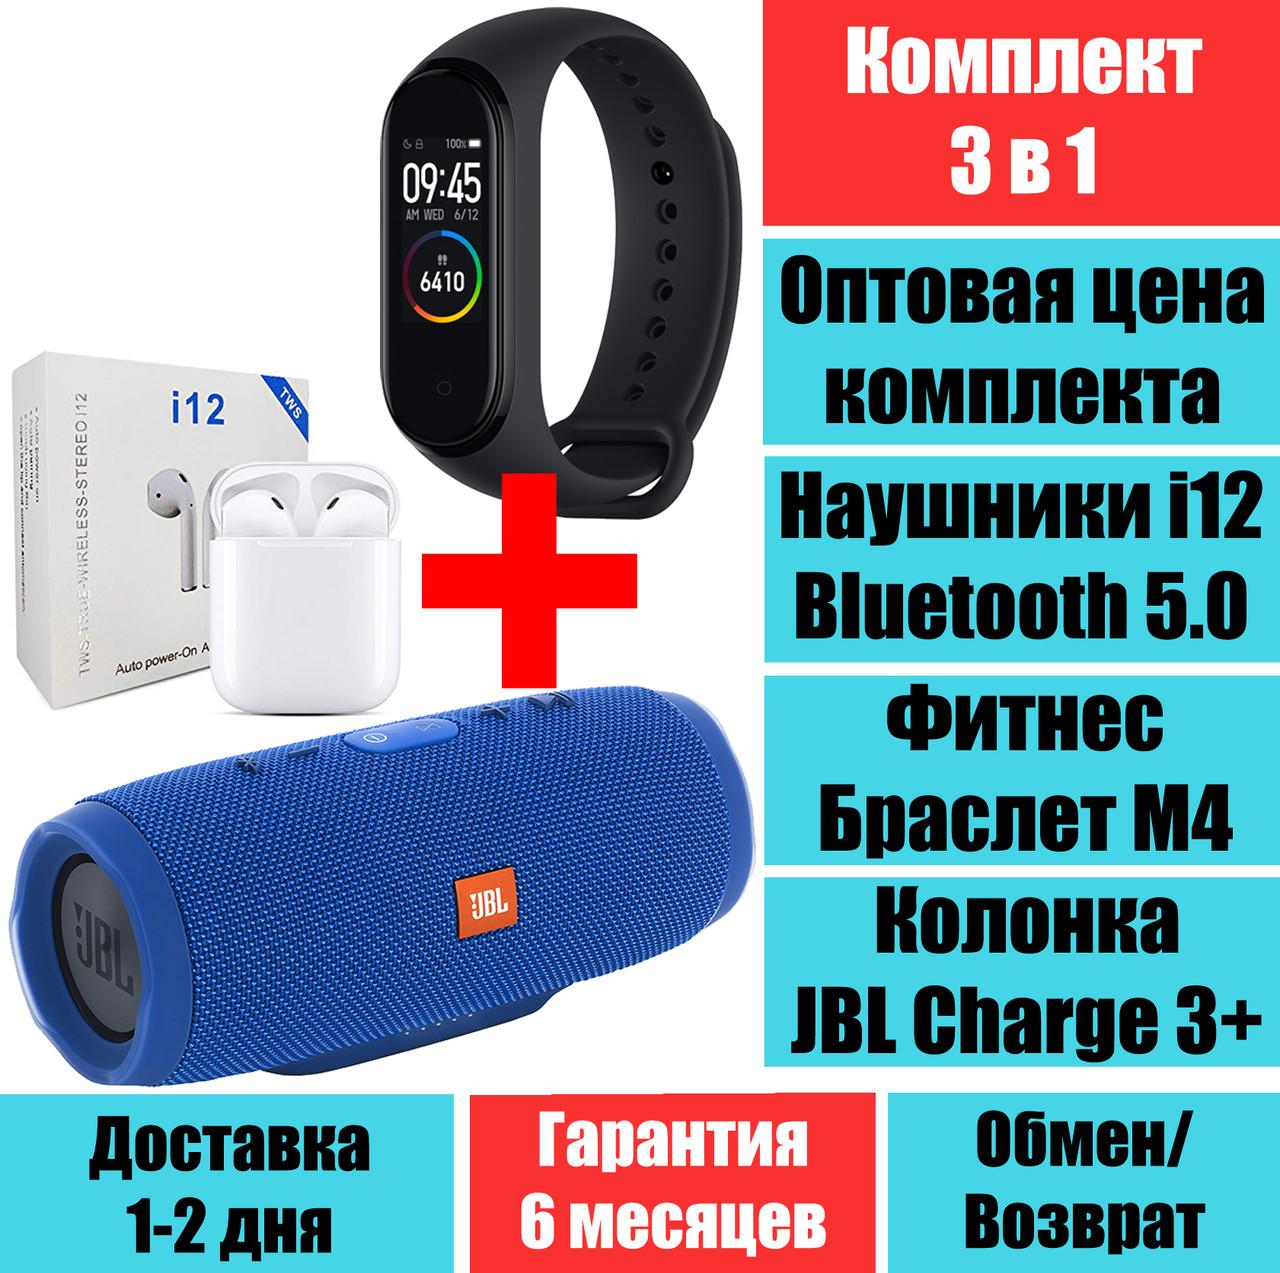 Колонка JBL Charge 3+ Синій, Фітнес браслет M4, навушники блютус i12 Mini Bluetooth Комплект QualitiReplica